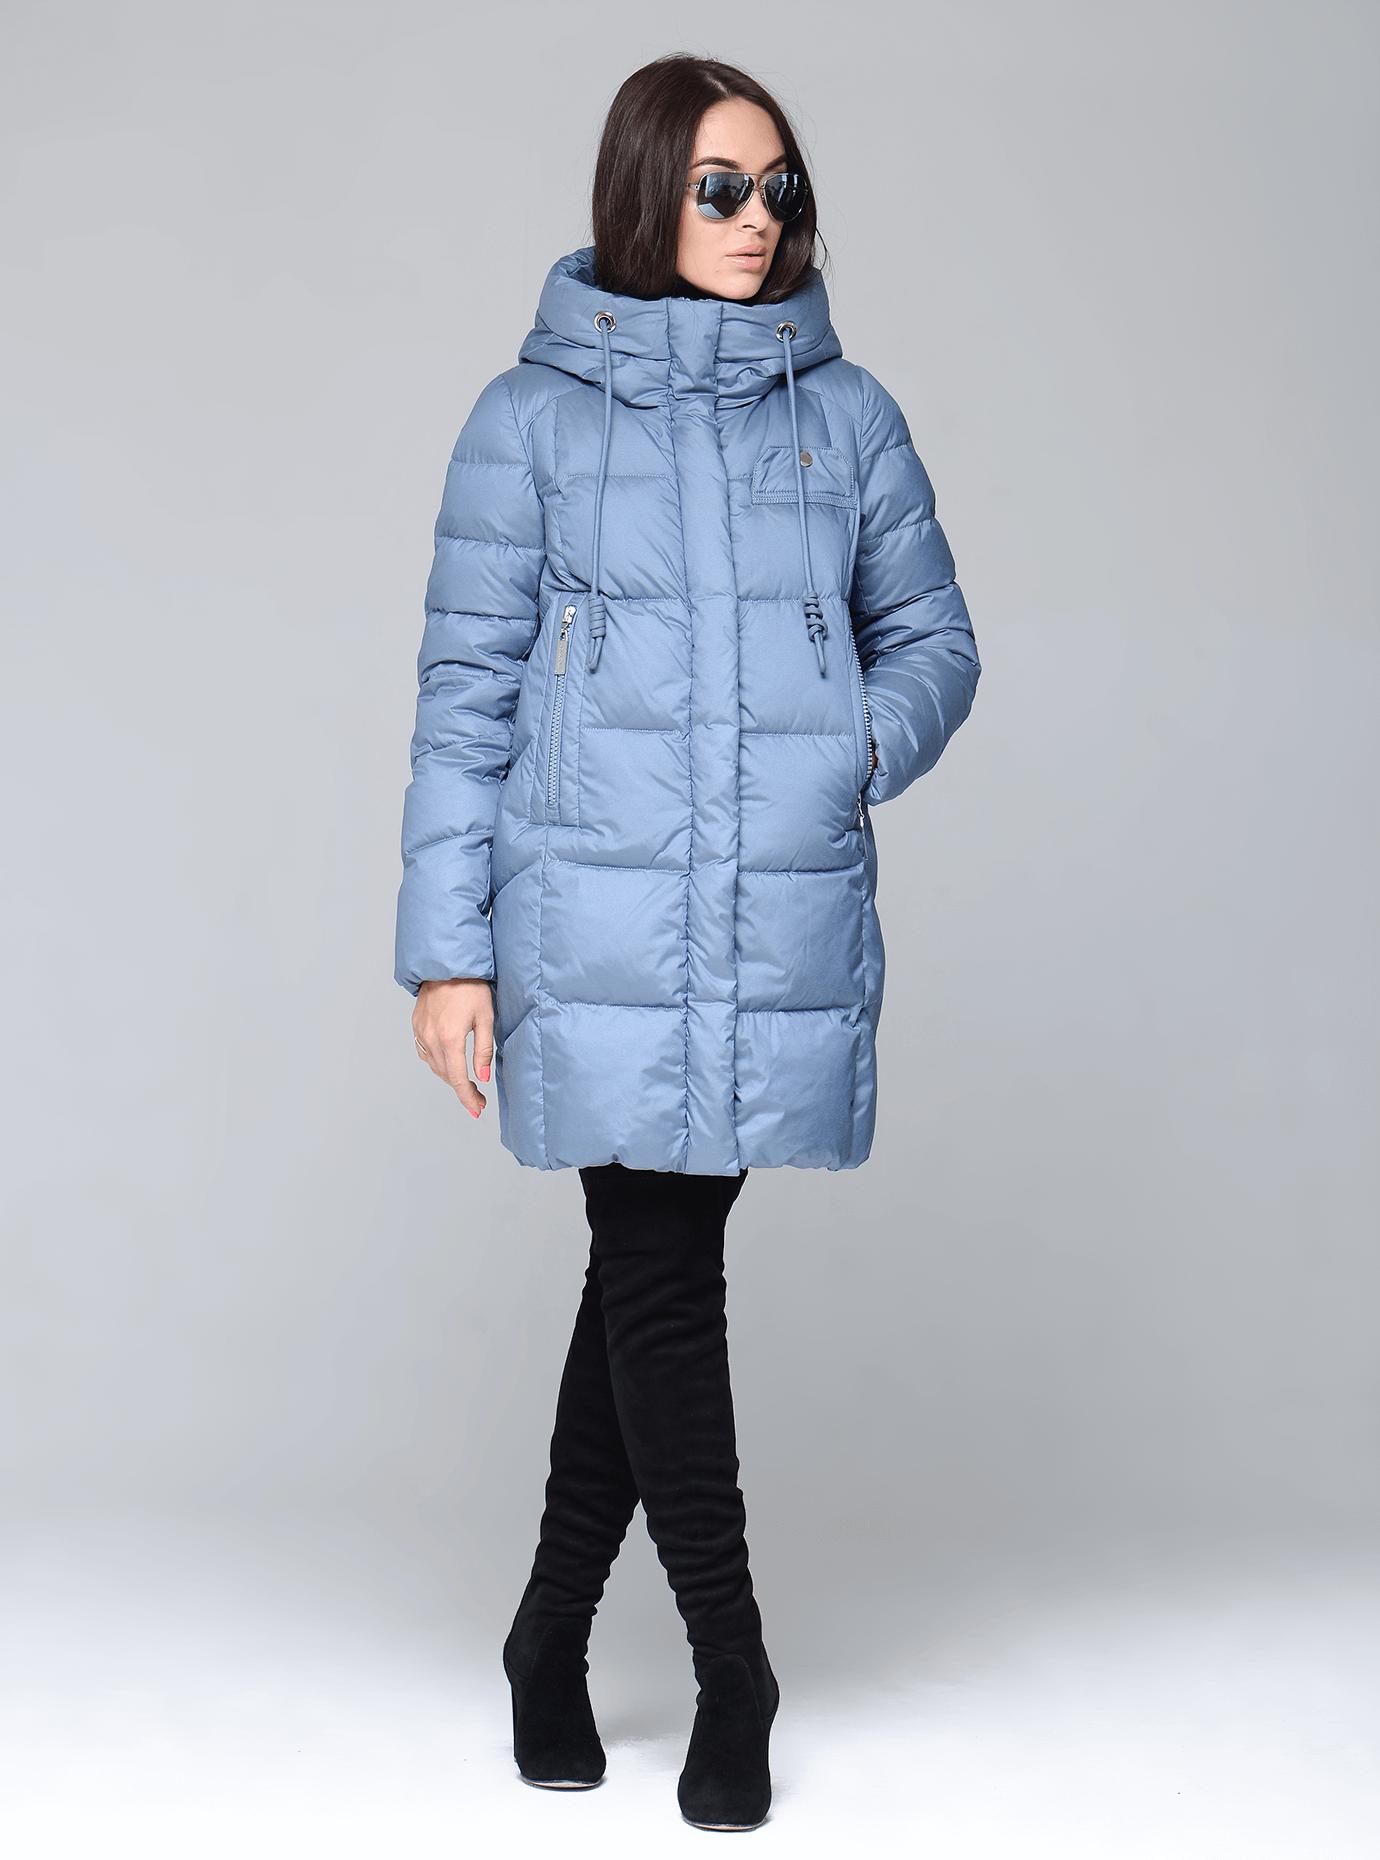 Куртка зимняя женская с капюшоном Чёрный S (02-CR170327): фото - Alster.ua